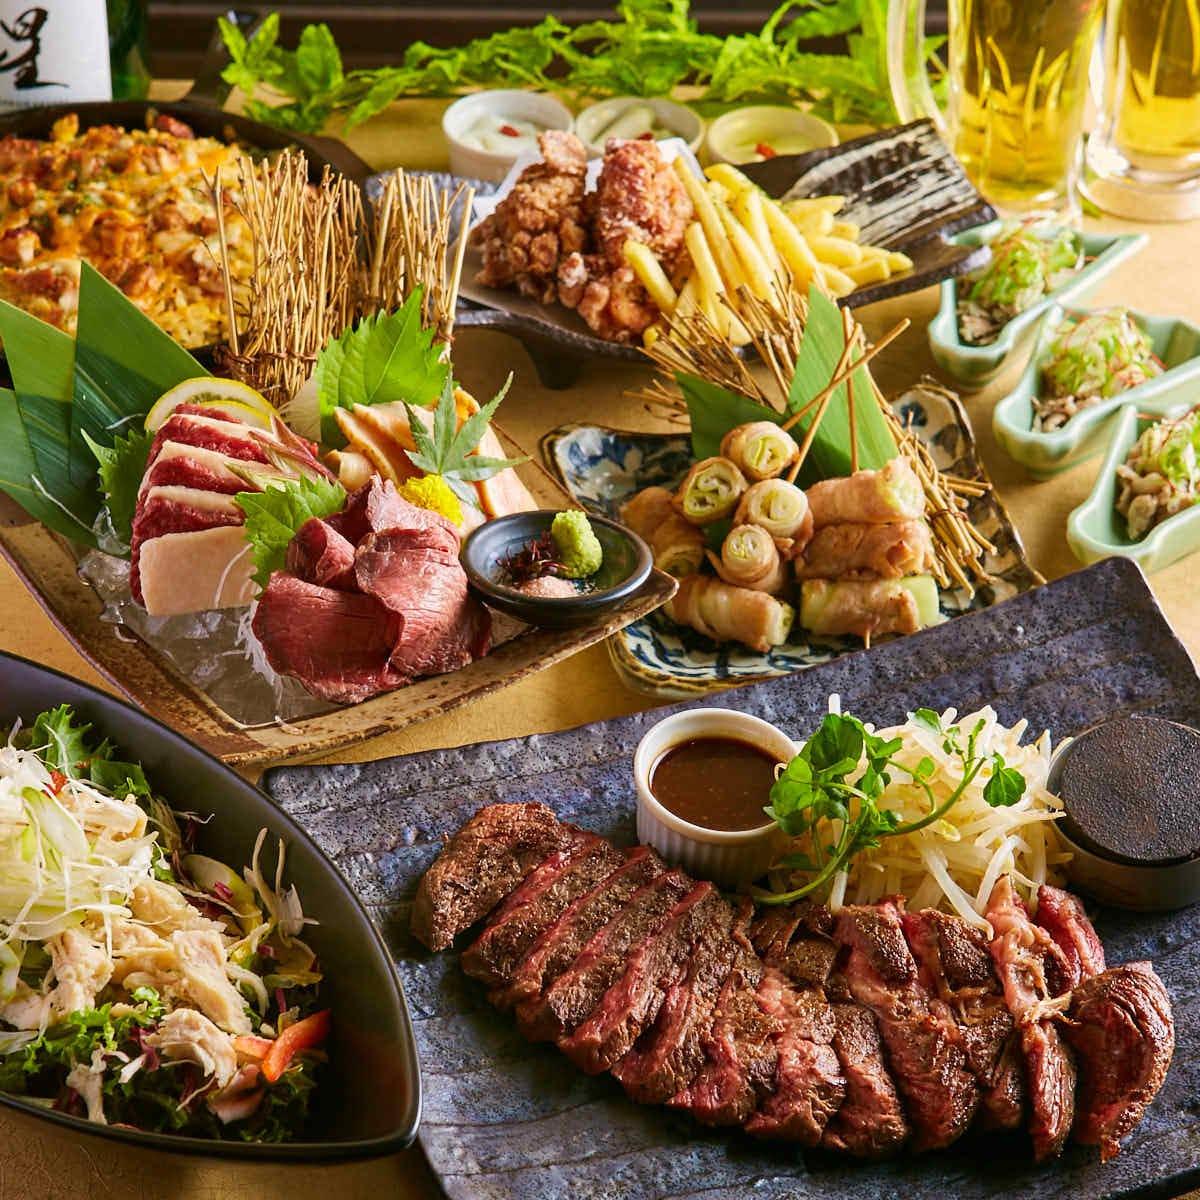 【肉堪能】日替わりステーキや肉刺しなど肉料理!2時間飲み放題付き8品3500円